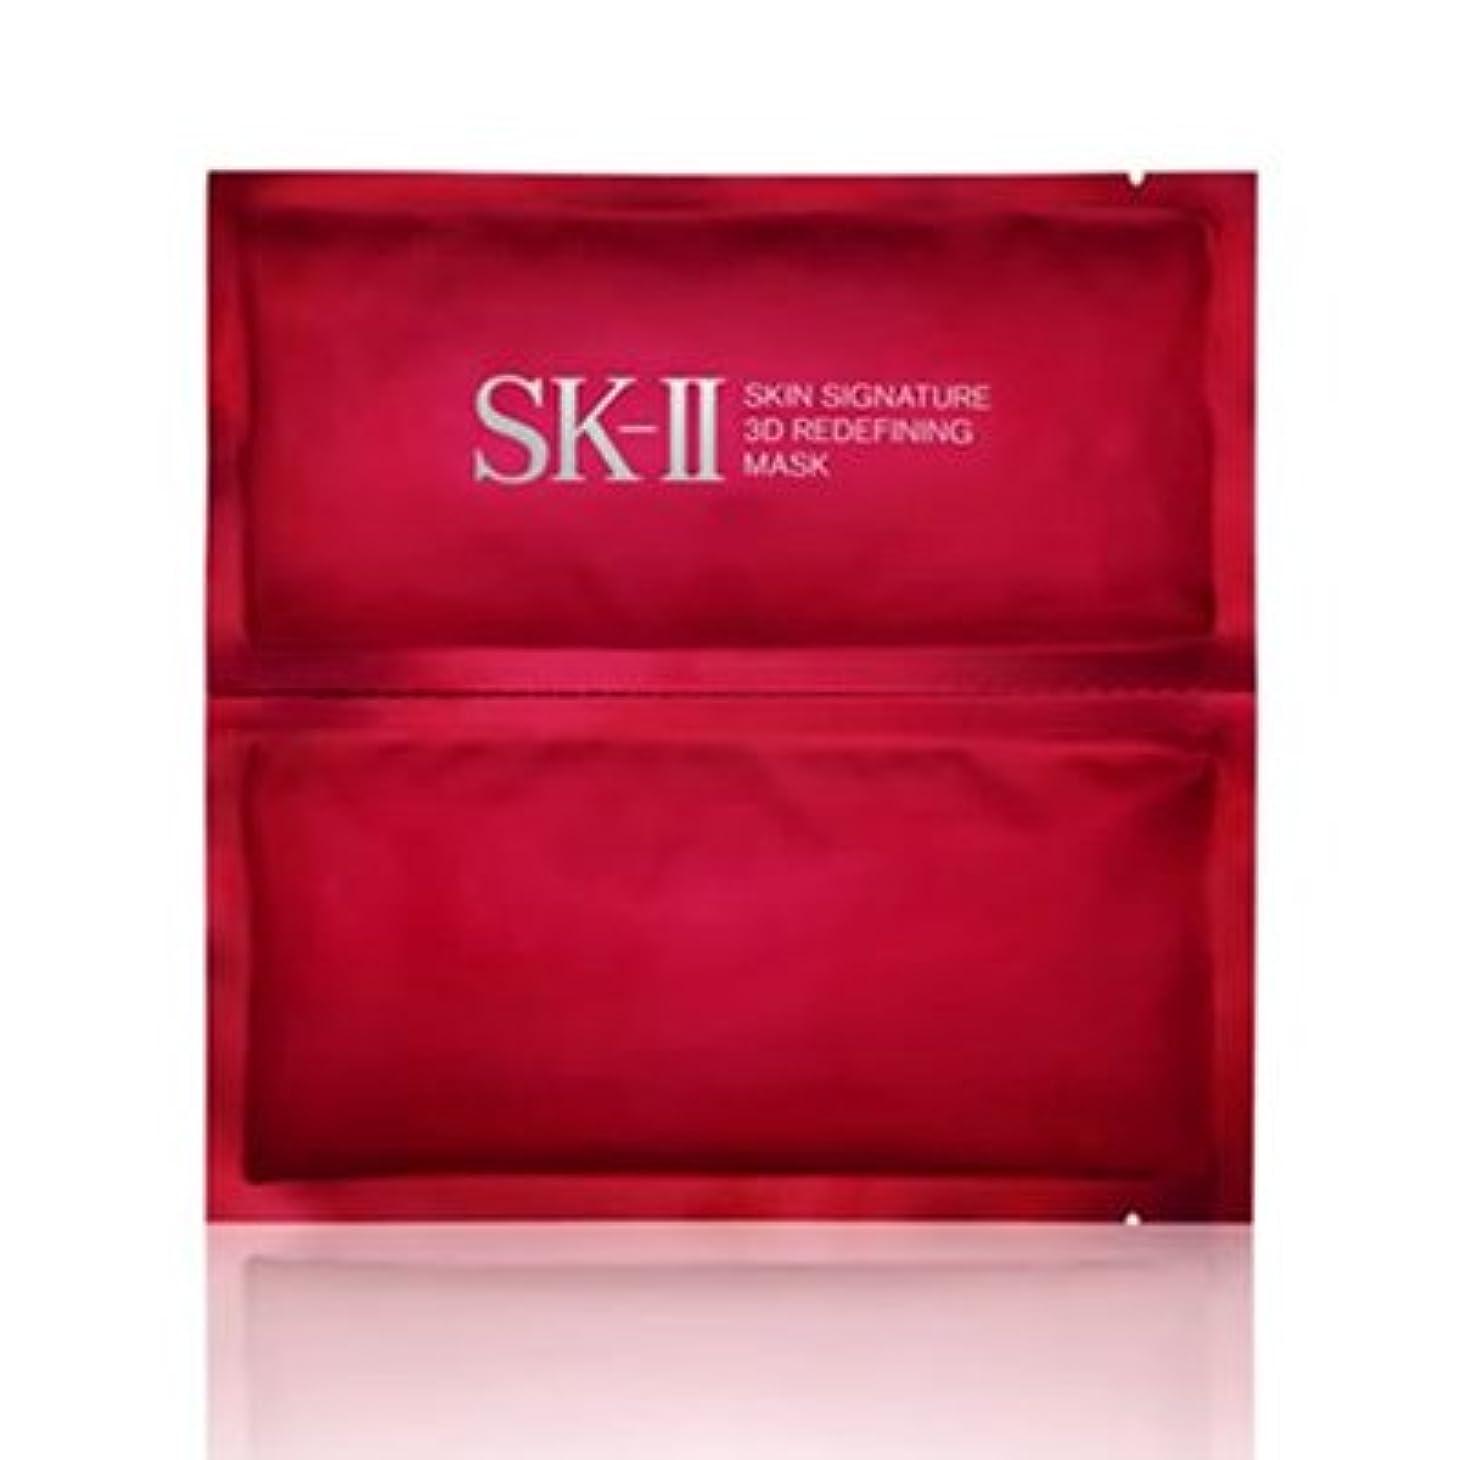 忘れっぽい通り野心的SK-II スキンシグネチャー3Dリディファイニングマスク1枚